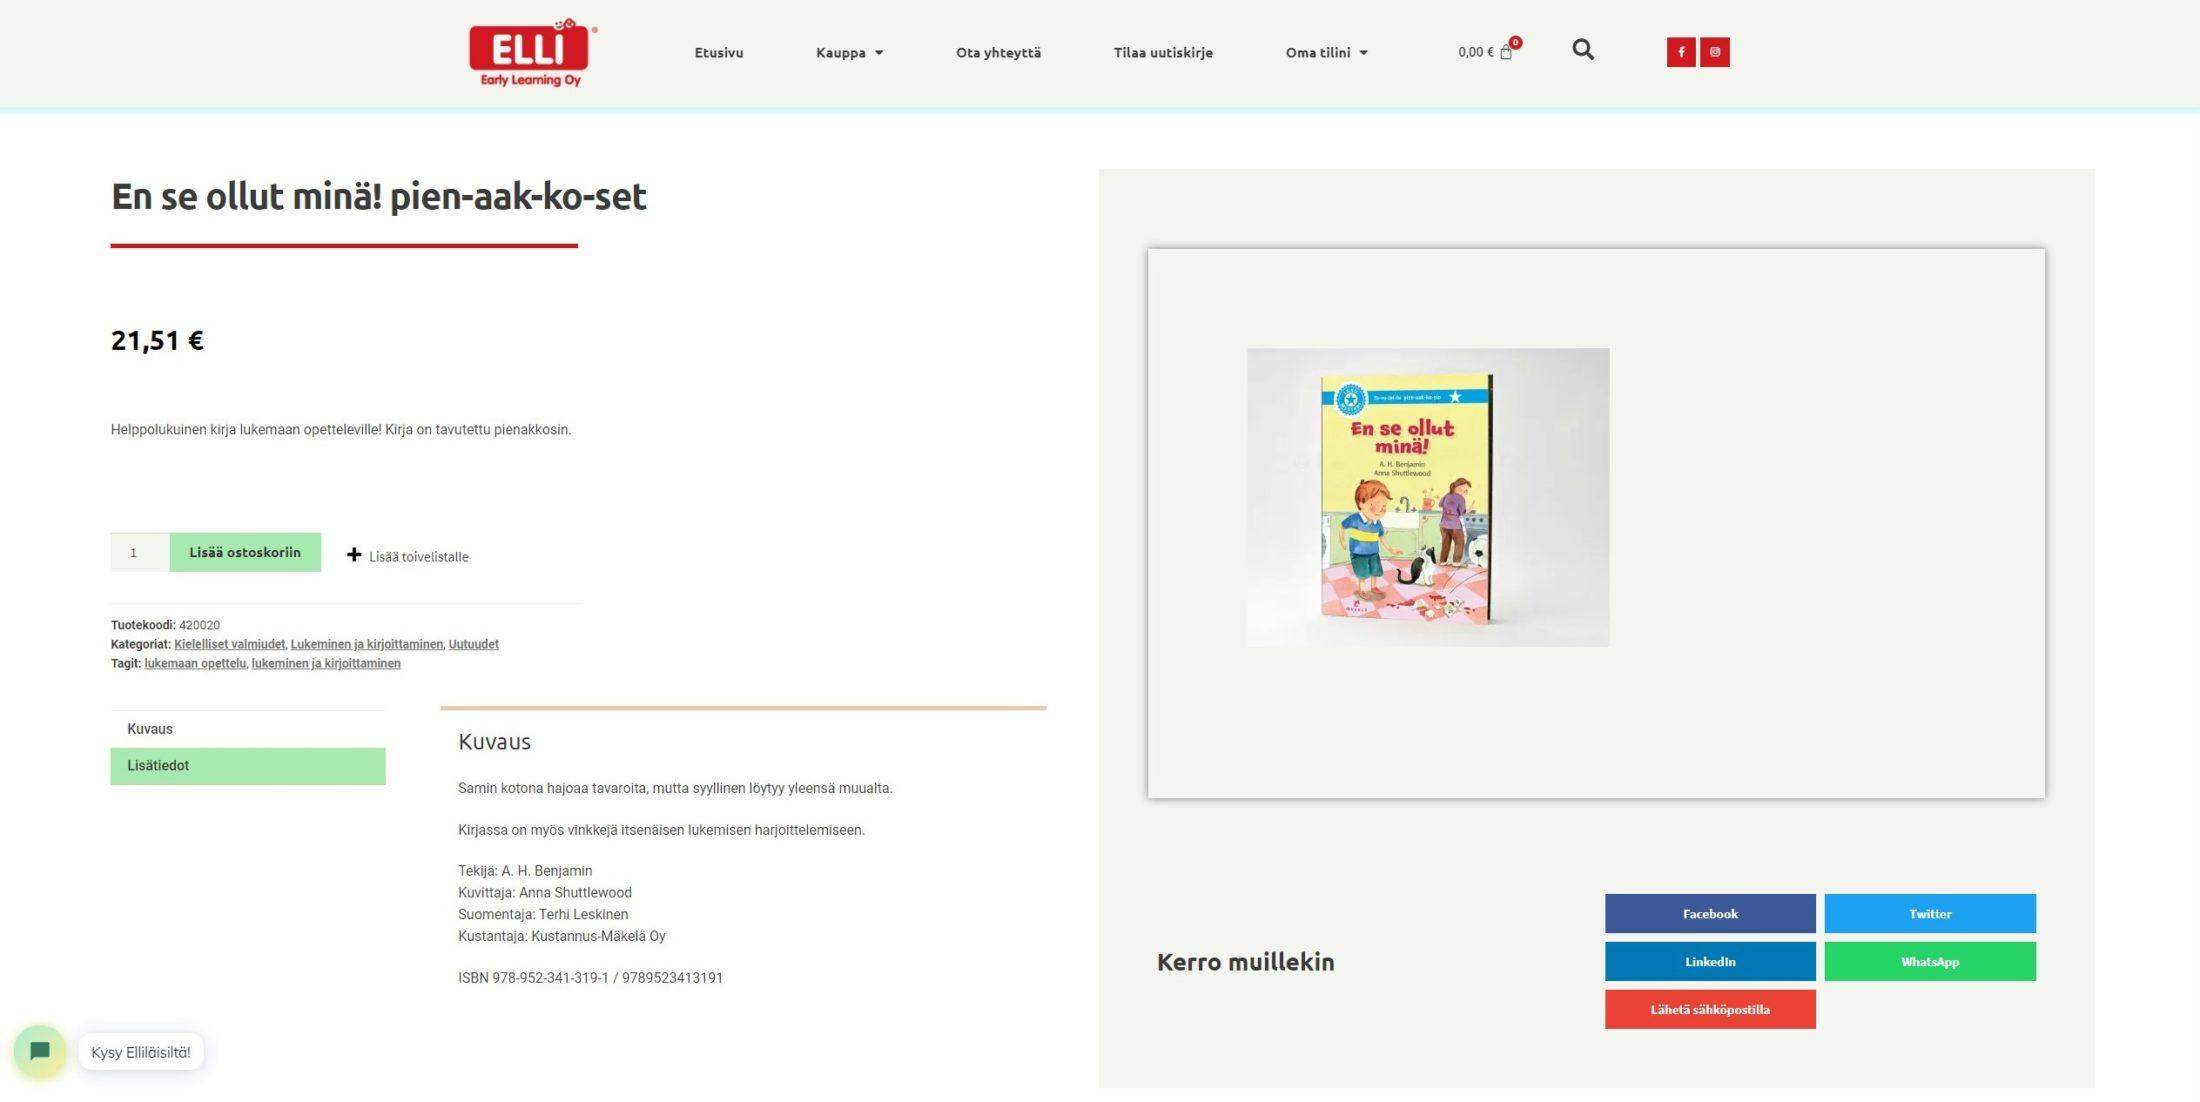 ELLIn verkkokaupan tuotesivun kuva